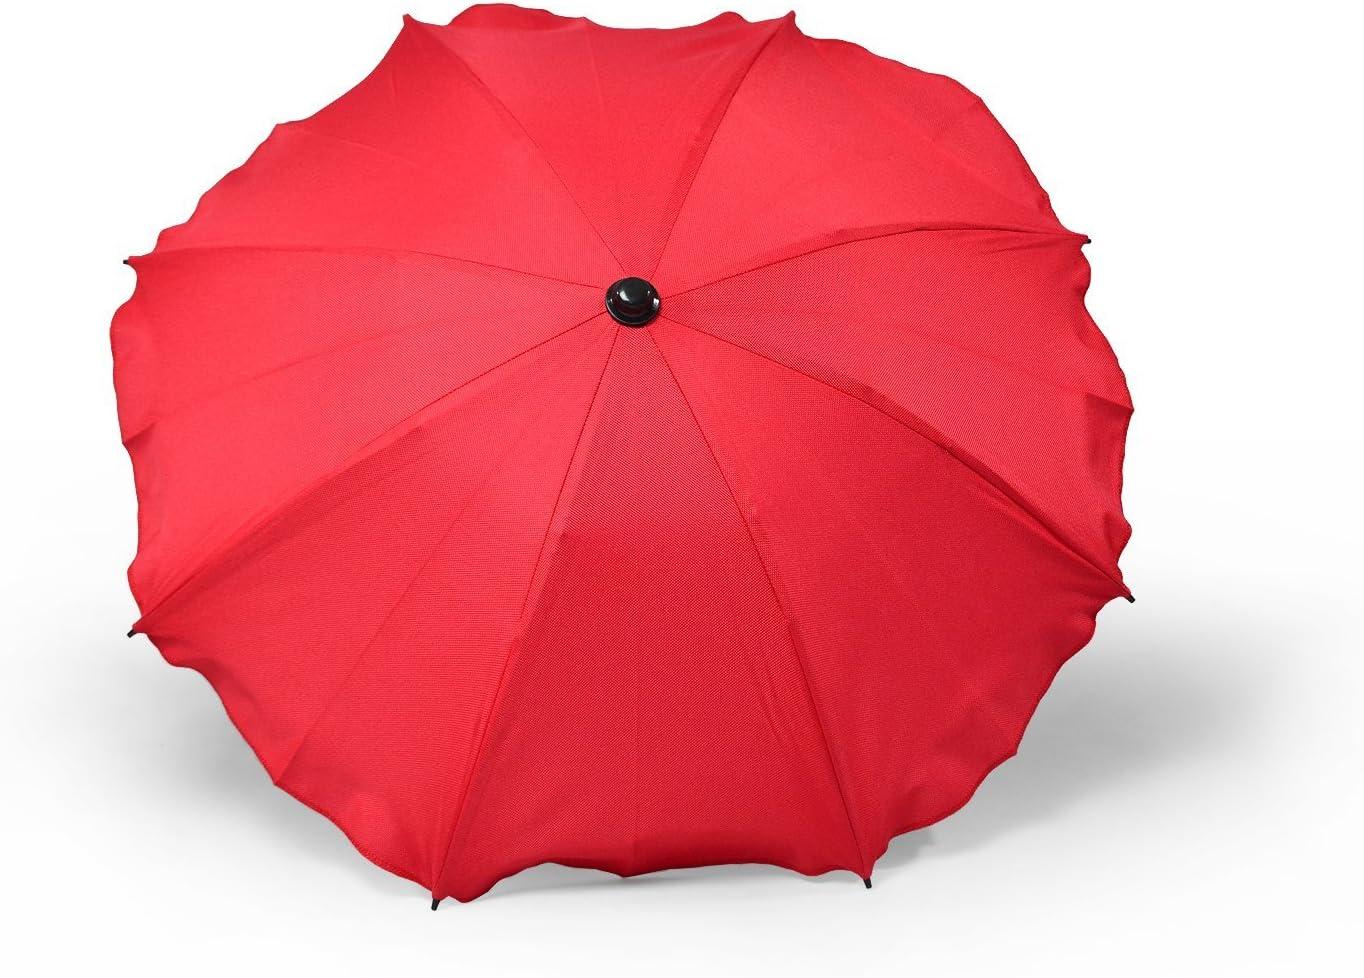 con soporte universal Granate Sombrilla y paraguas universal para carros y sillas de beb/é protecci/ón contra rayos UV 50